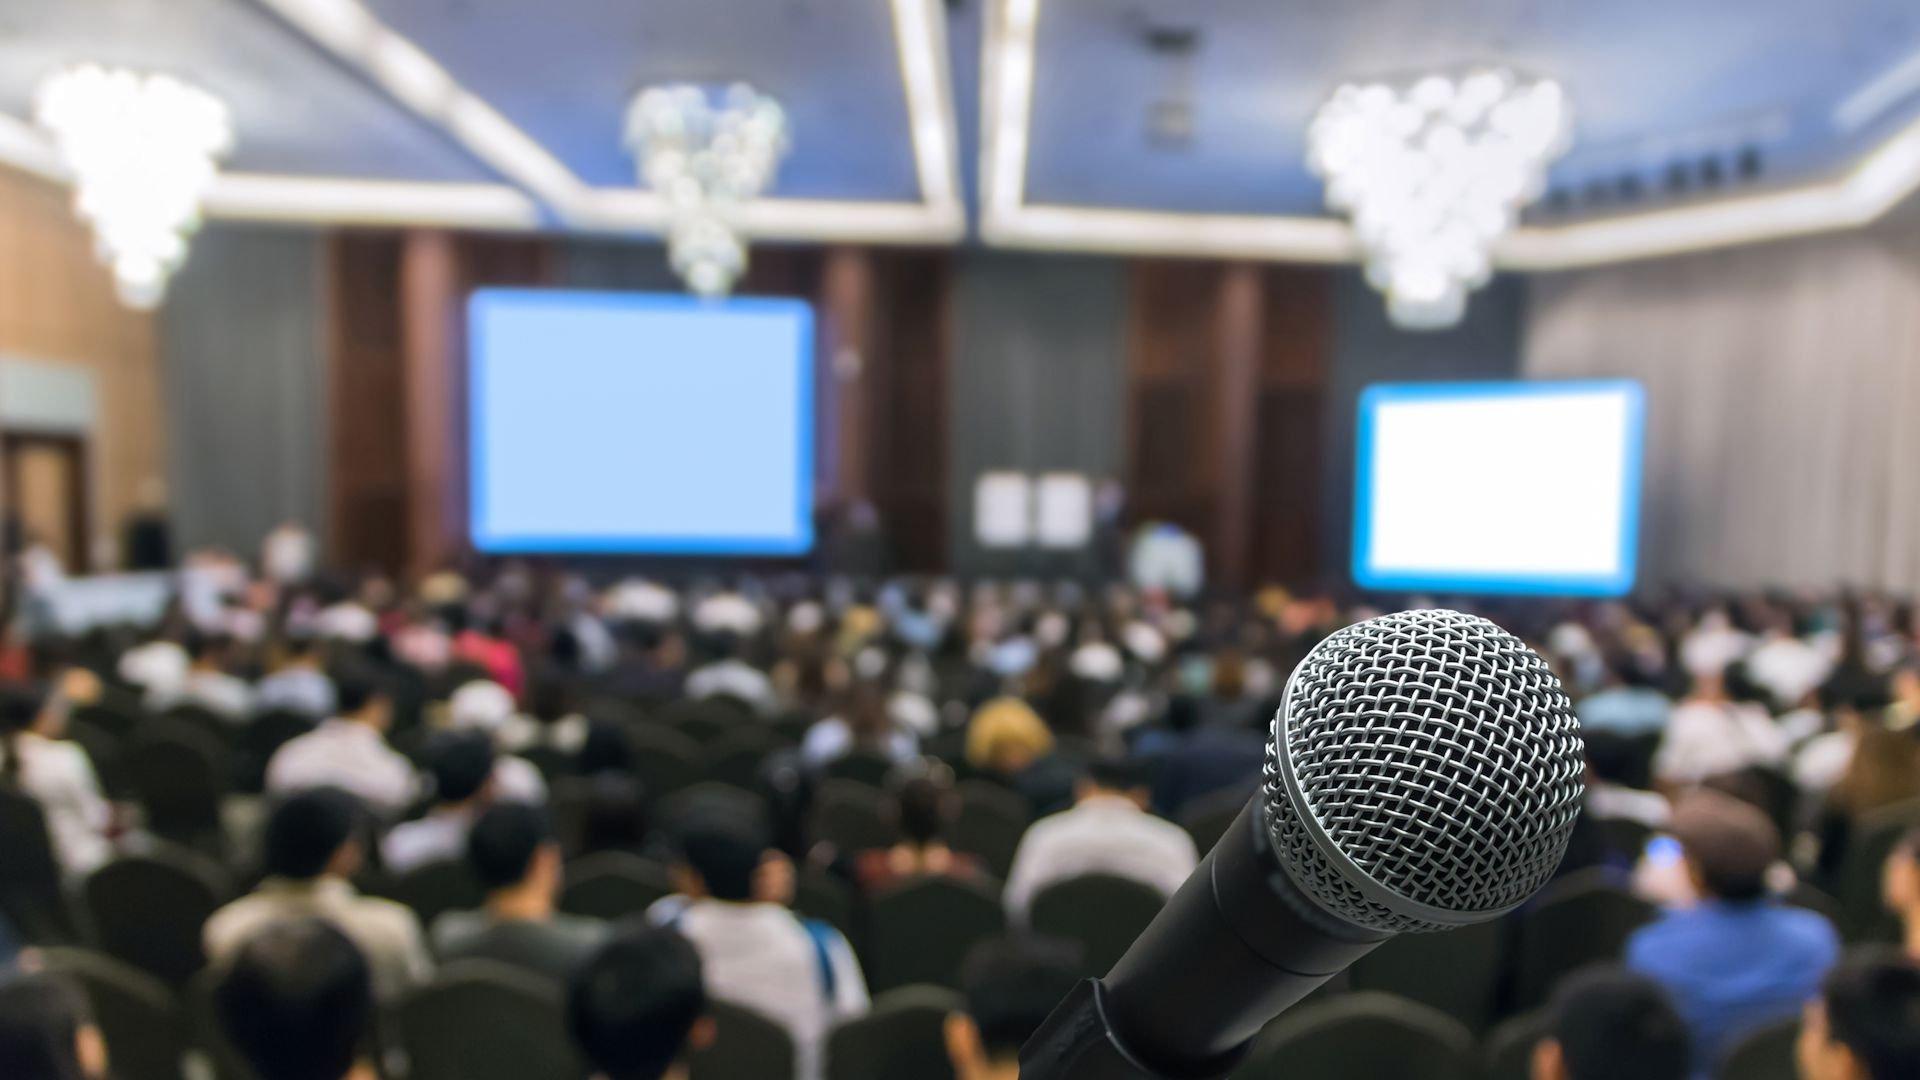 Assemblée générale extraordinaire du RPCU le 10 juin 2021